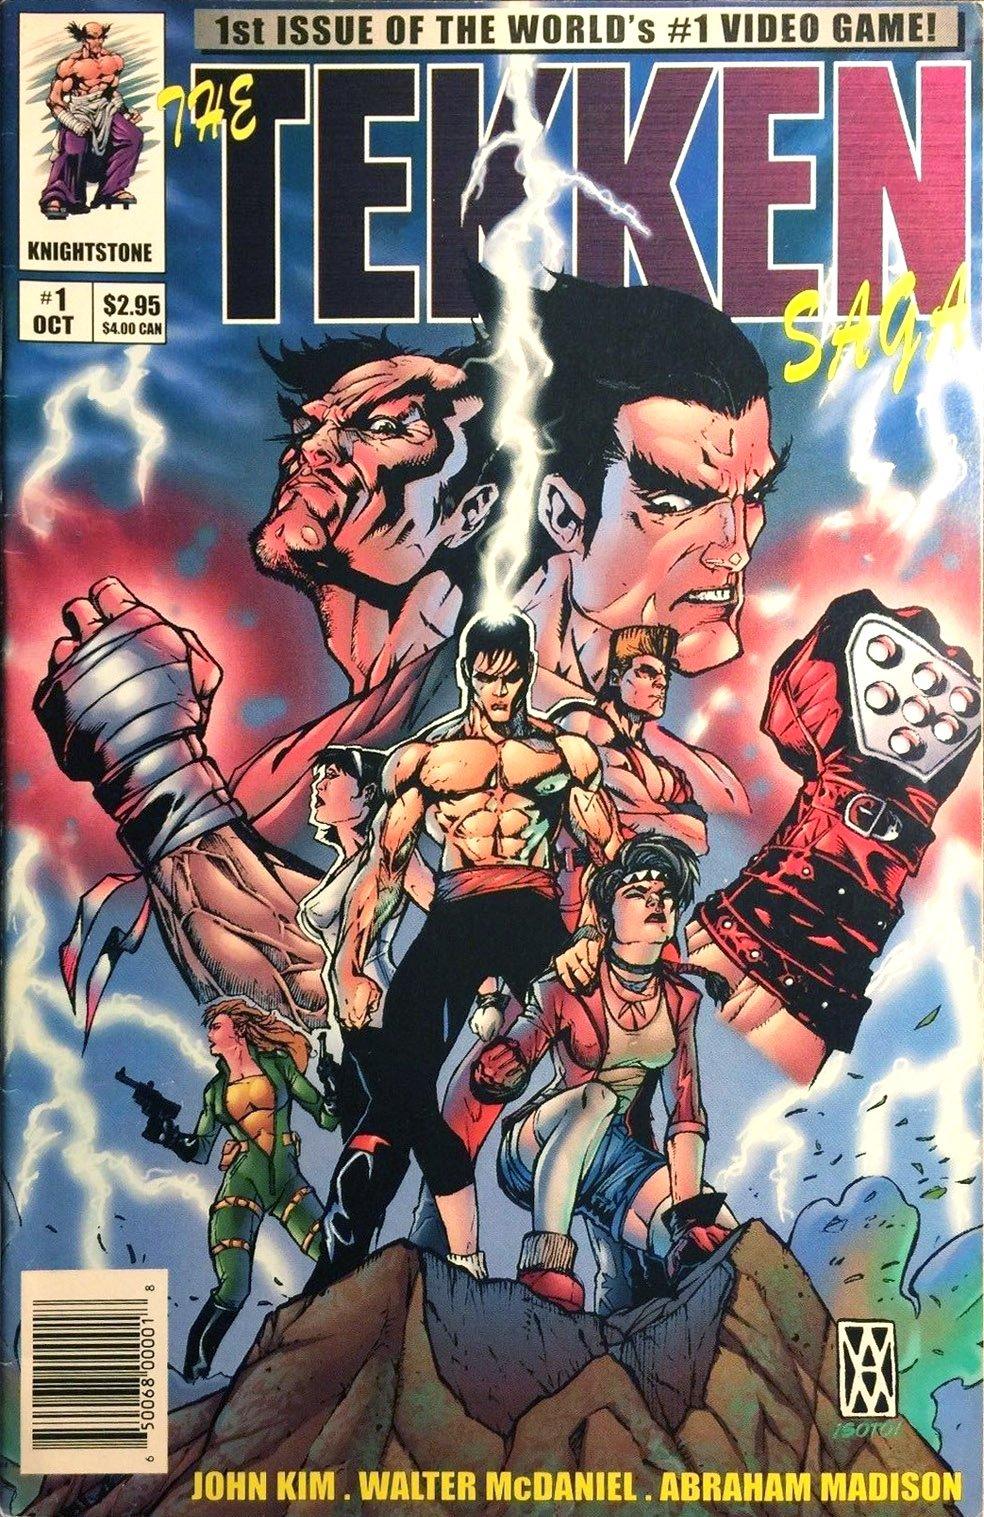 Tekken Saga 01 (October 1997)